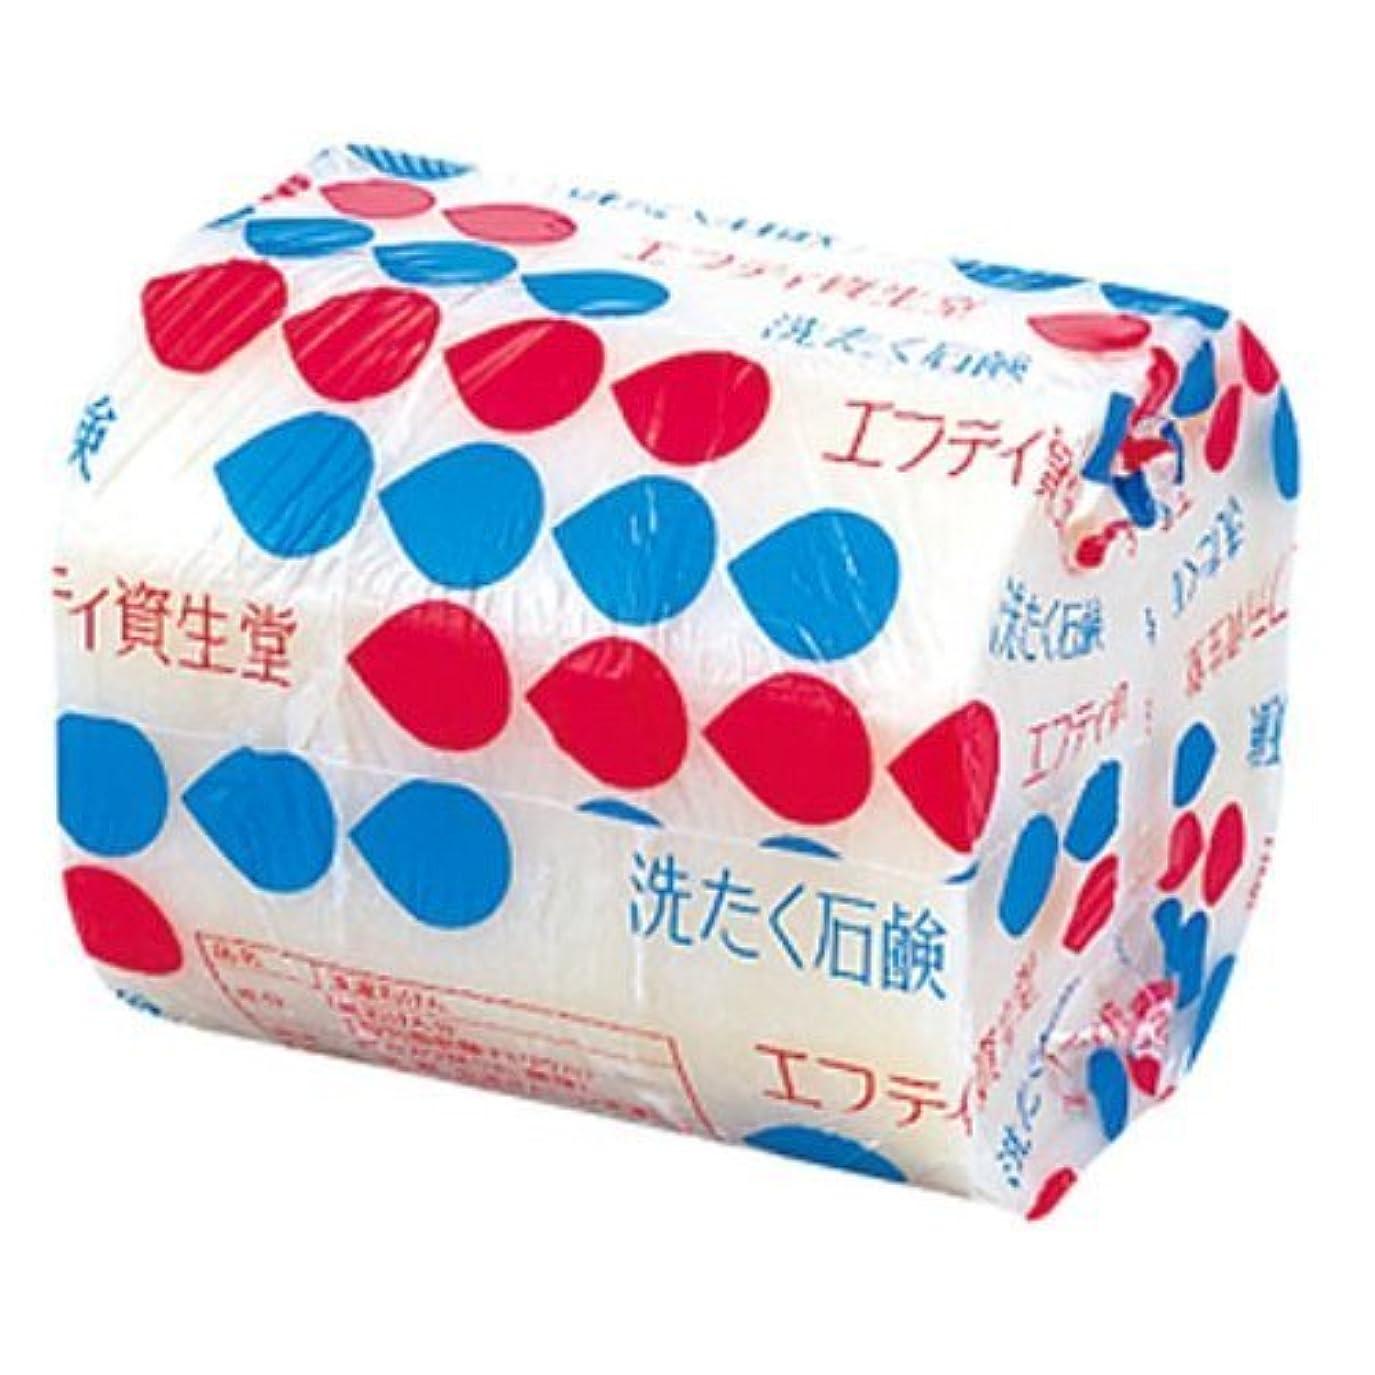 疑わしい行き当たりばったり有毒【資生堂】エフティ資生堂洗たく石鹸花椿型3コパック200g